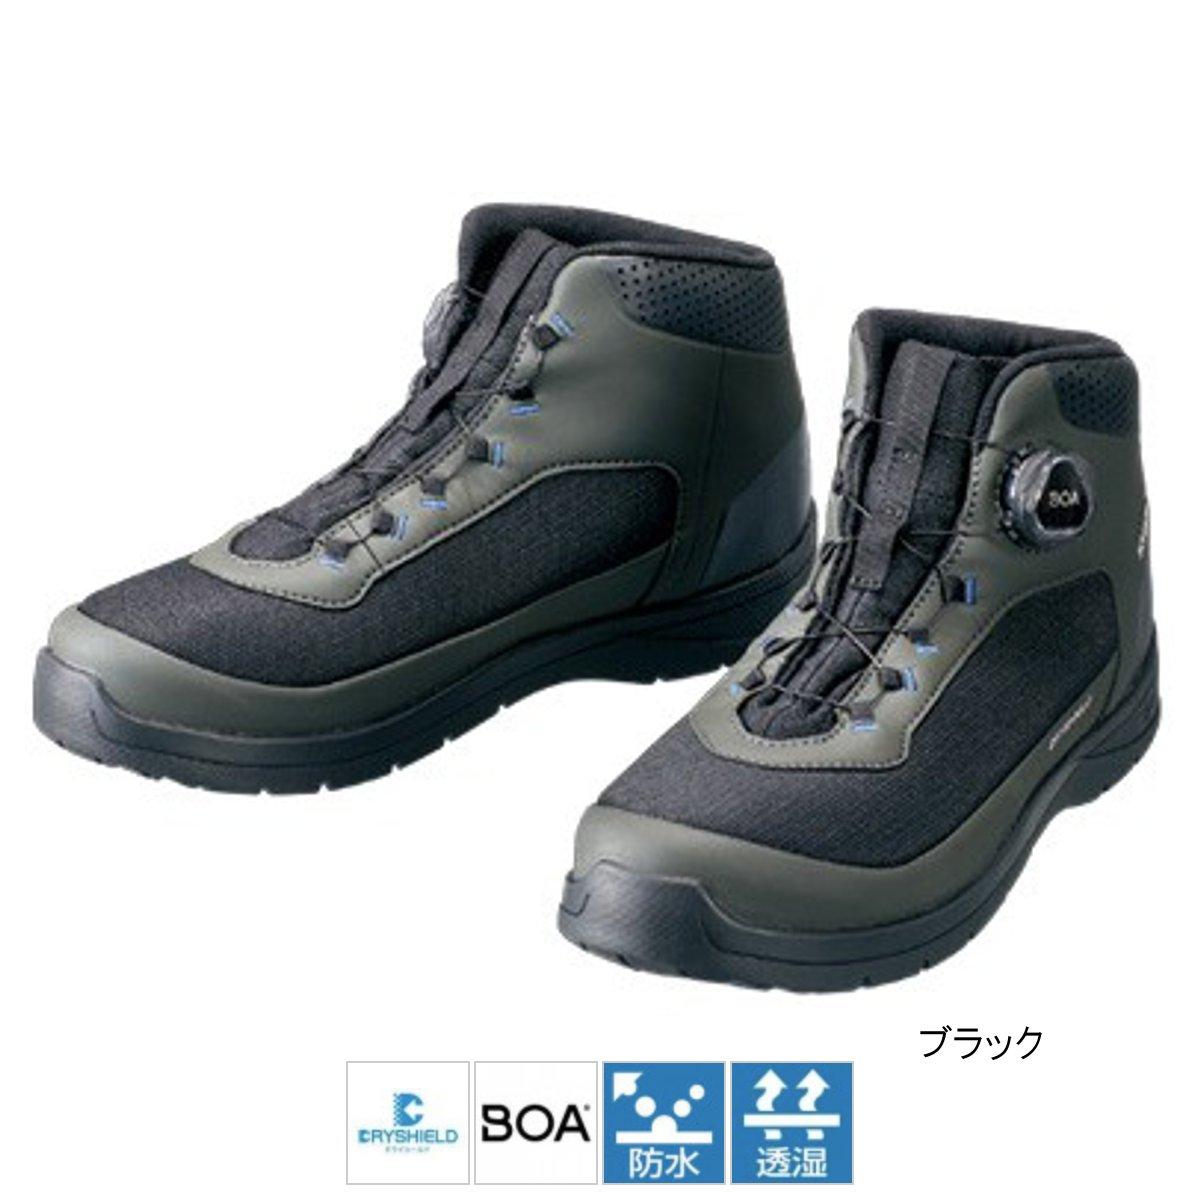 シマノ ドライシールド・デッキラジアルフィットシューズ HW FS-082R 27.5cm ブラック(東日本店)